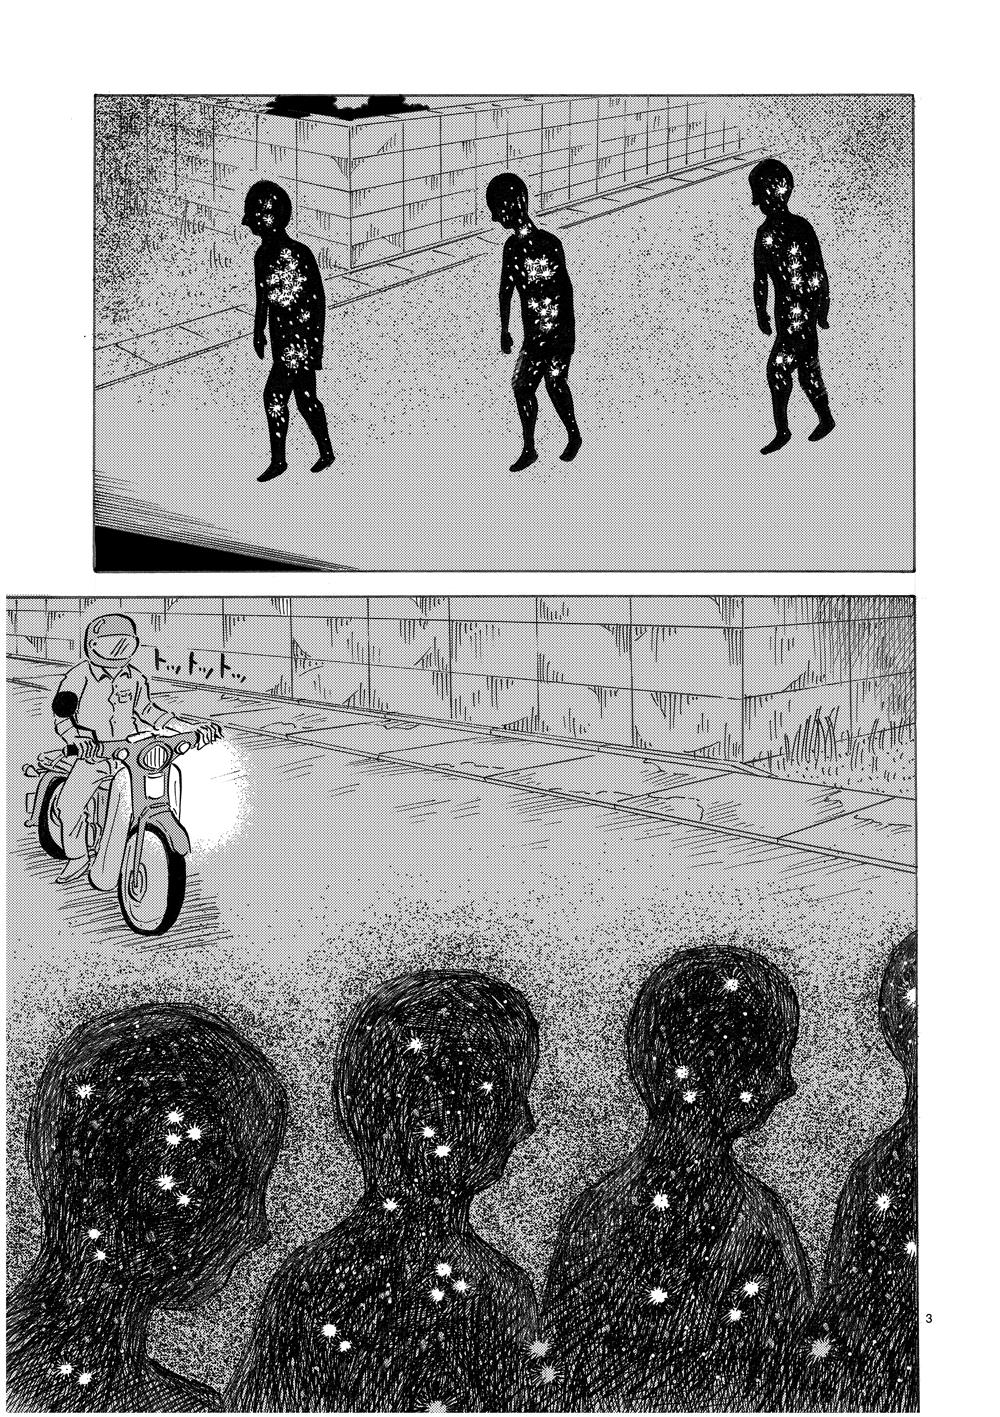 琉球怪談 【第2話】WEB掲載3ページ目画像